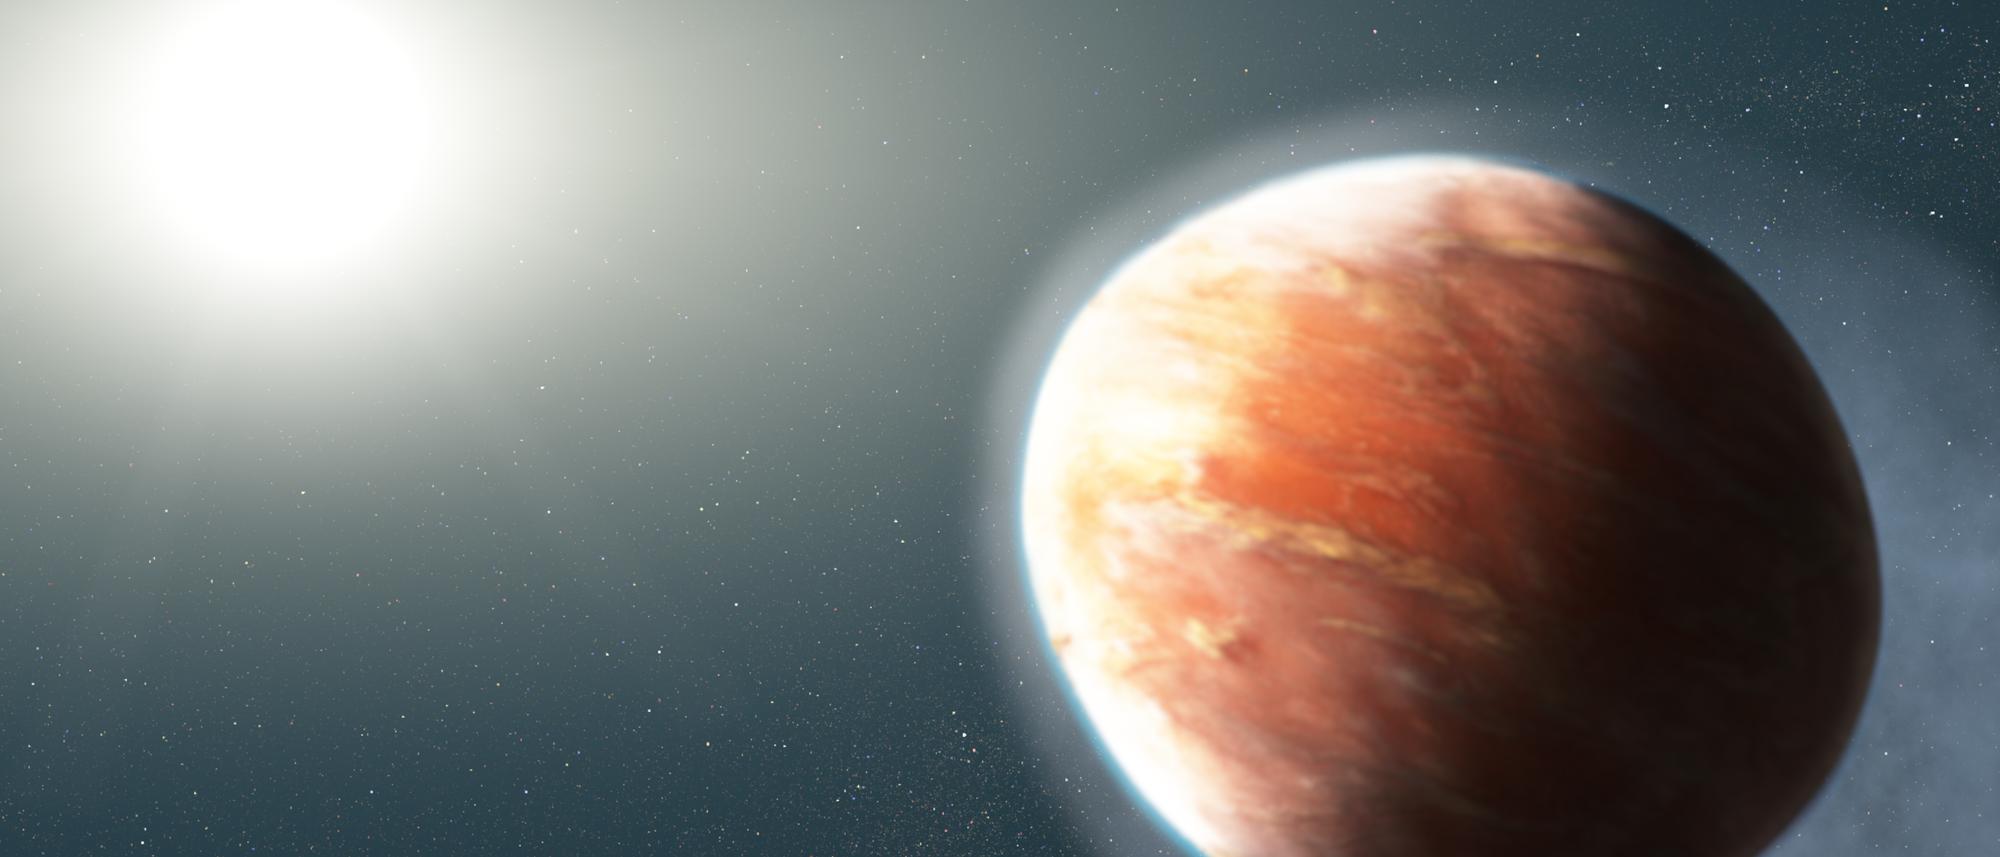 Exoplanet verliert Gashülle (künstlerische Darstellung)